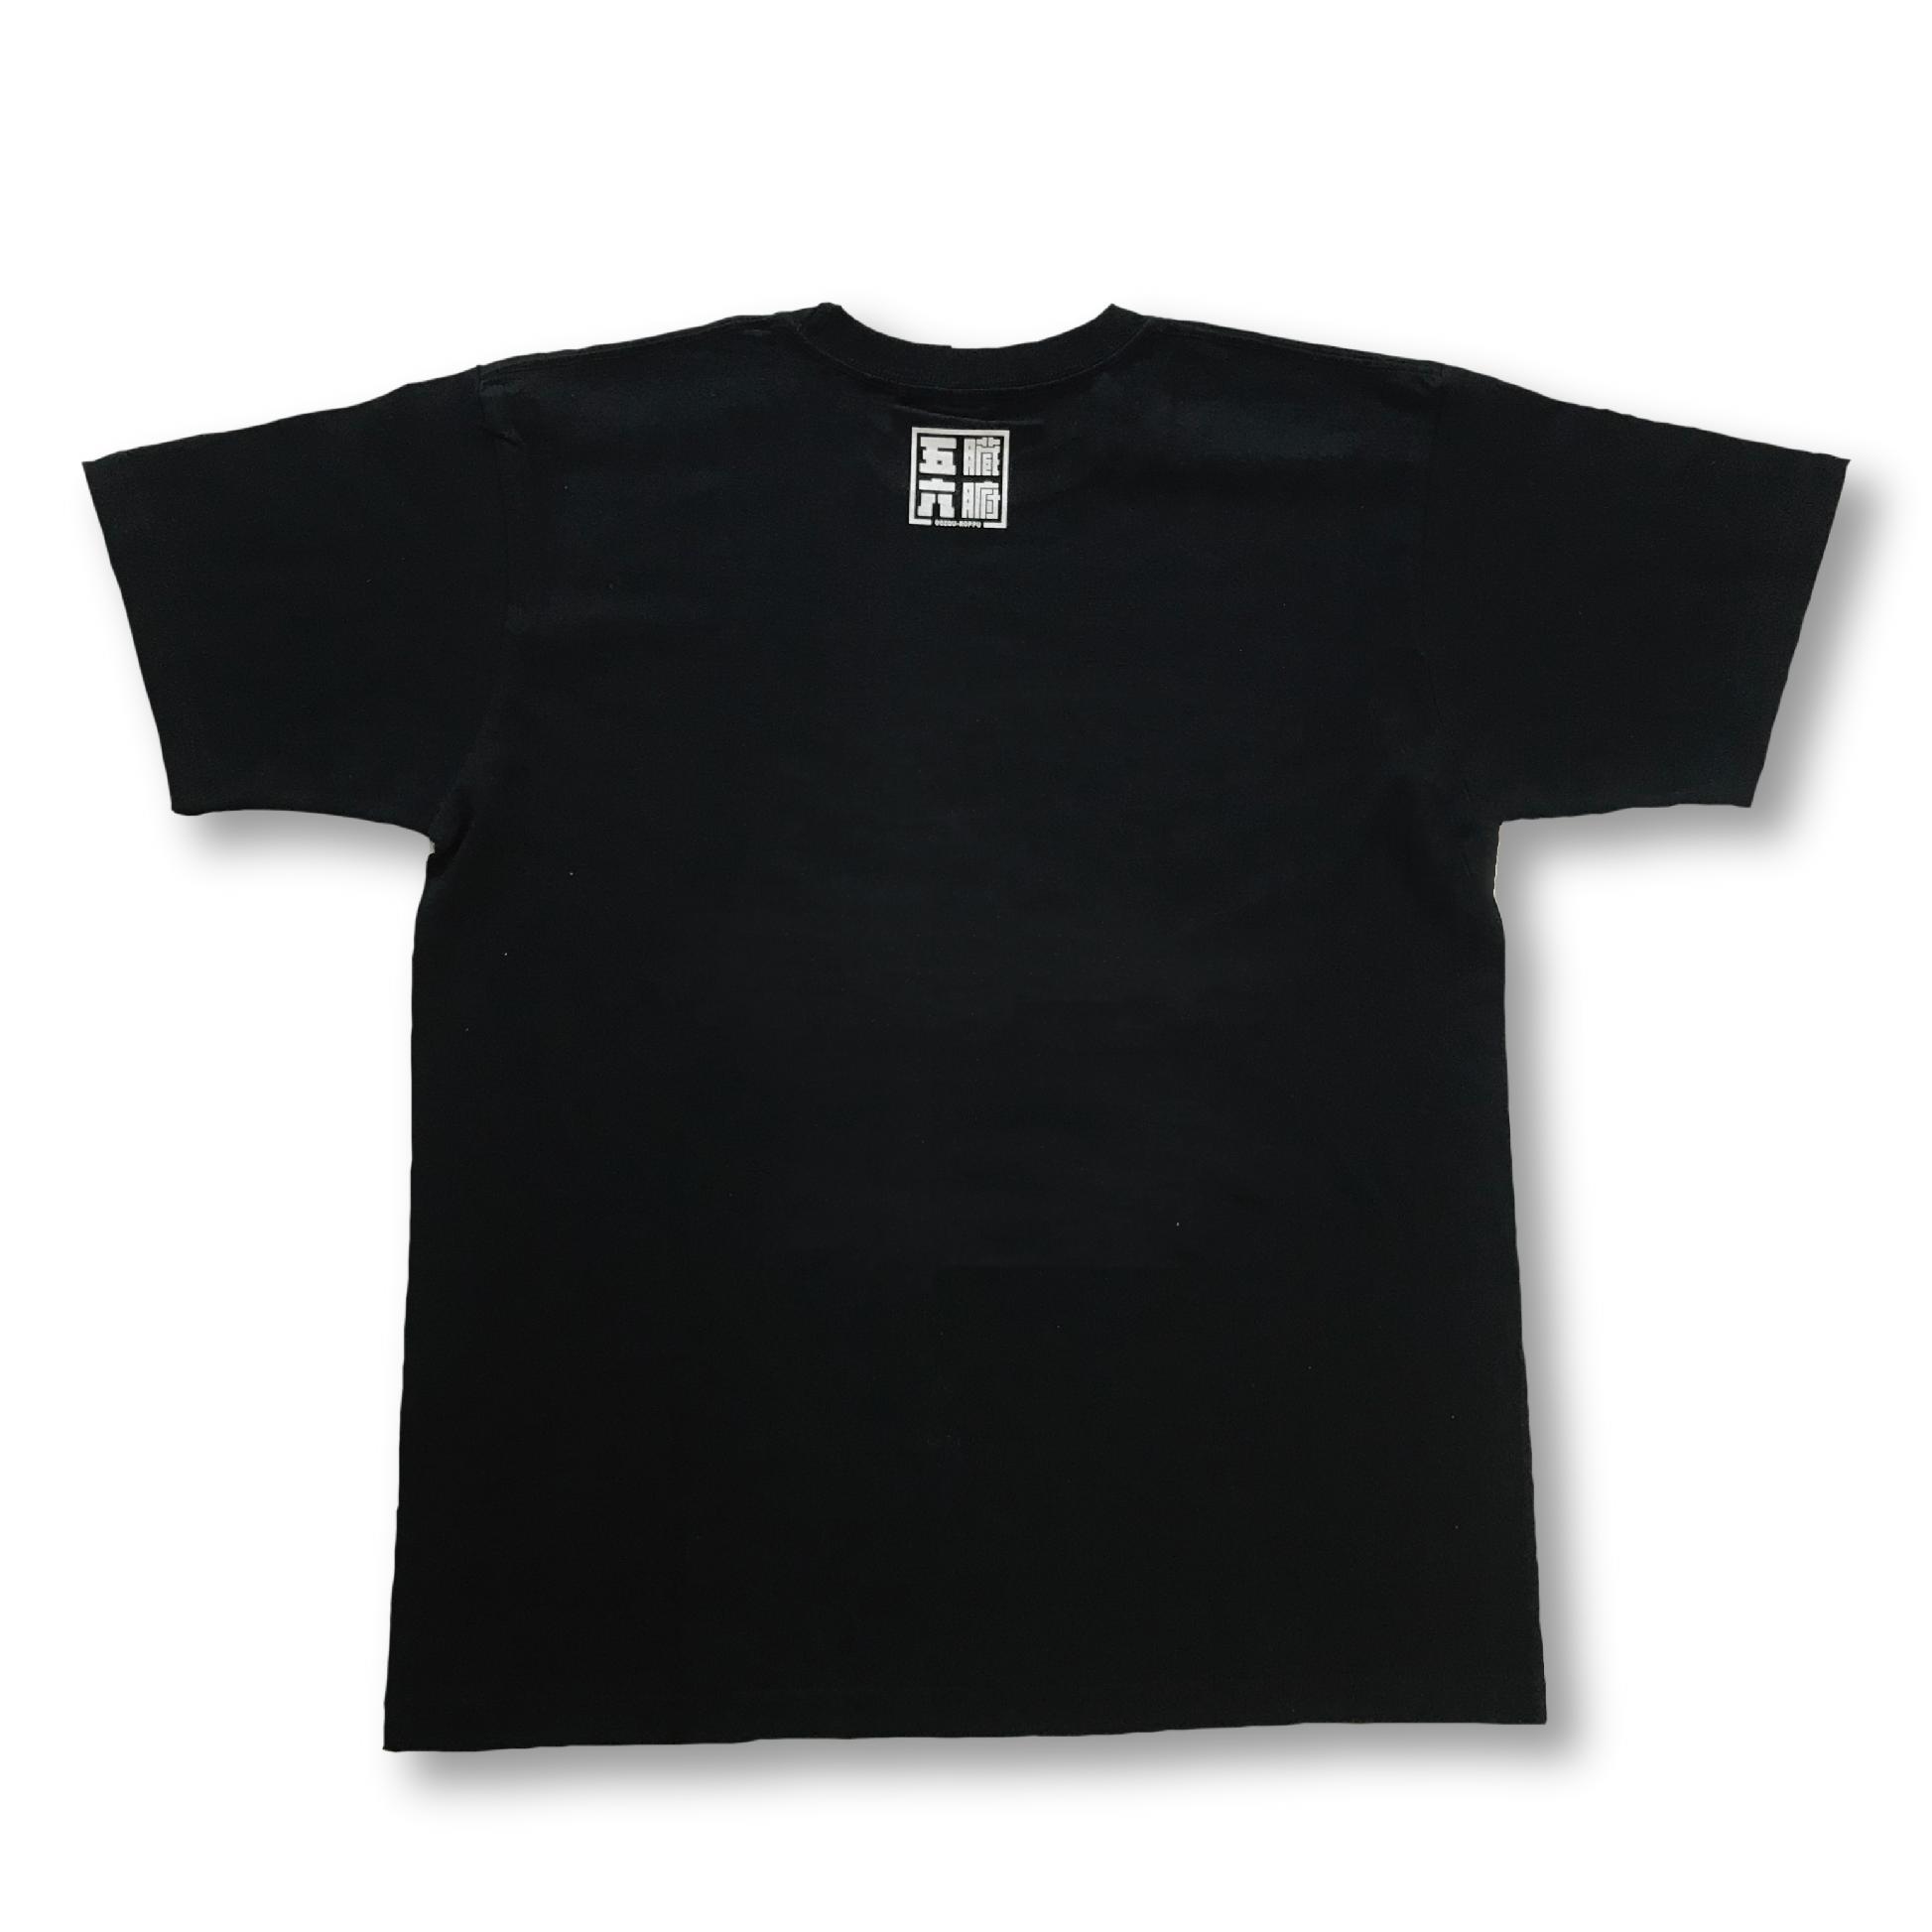 ピノキオピー 五臓六腑Tシャツ ブラック - 画像2